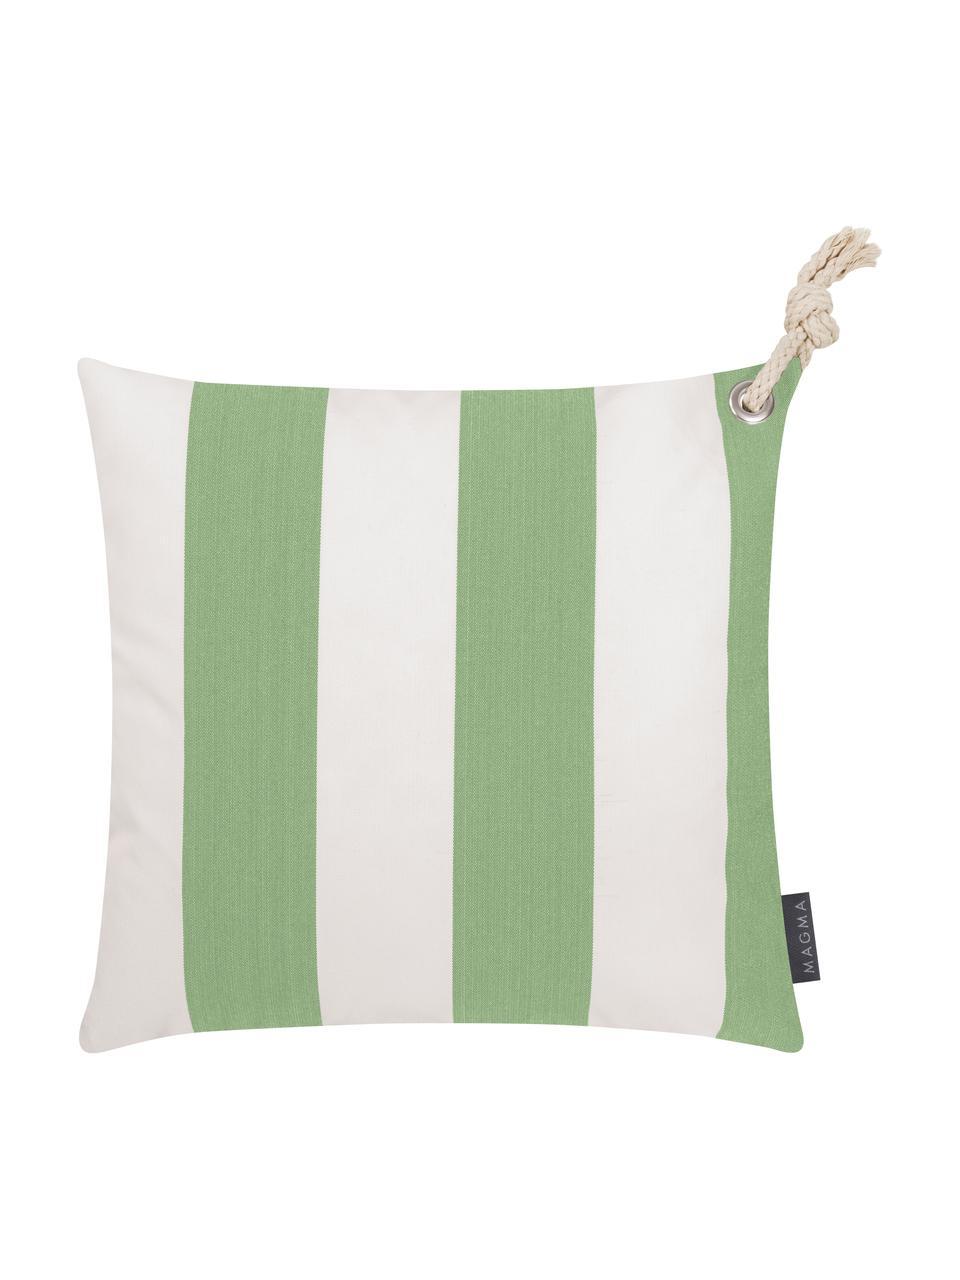 Gestreifte Outdoor-Kissenhülle Santorin in Weiß/Grün, 100% Polypropylen, Teflon® beschichtet, Grün, Weiß, 40 x 40 cm